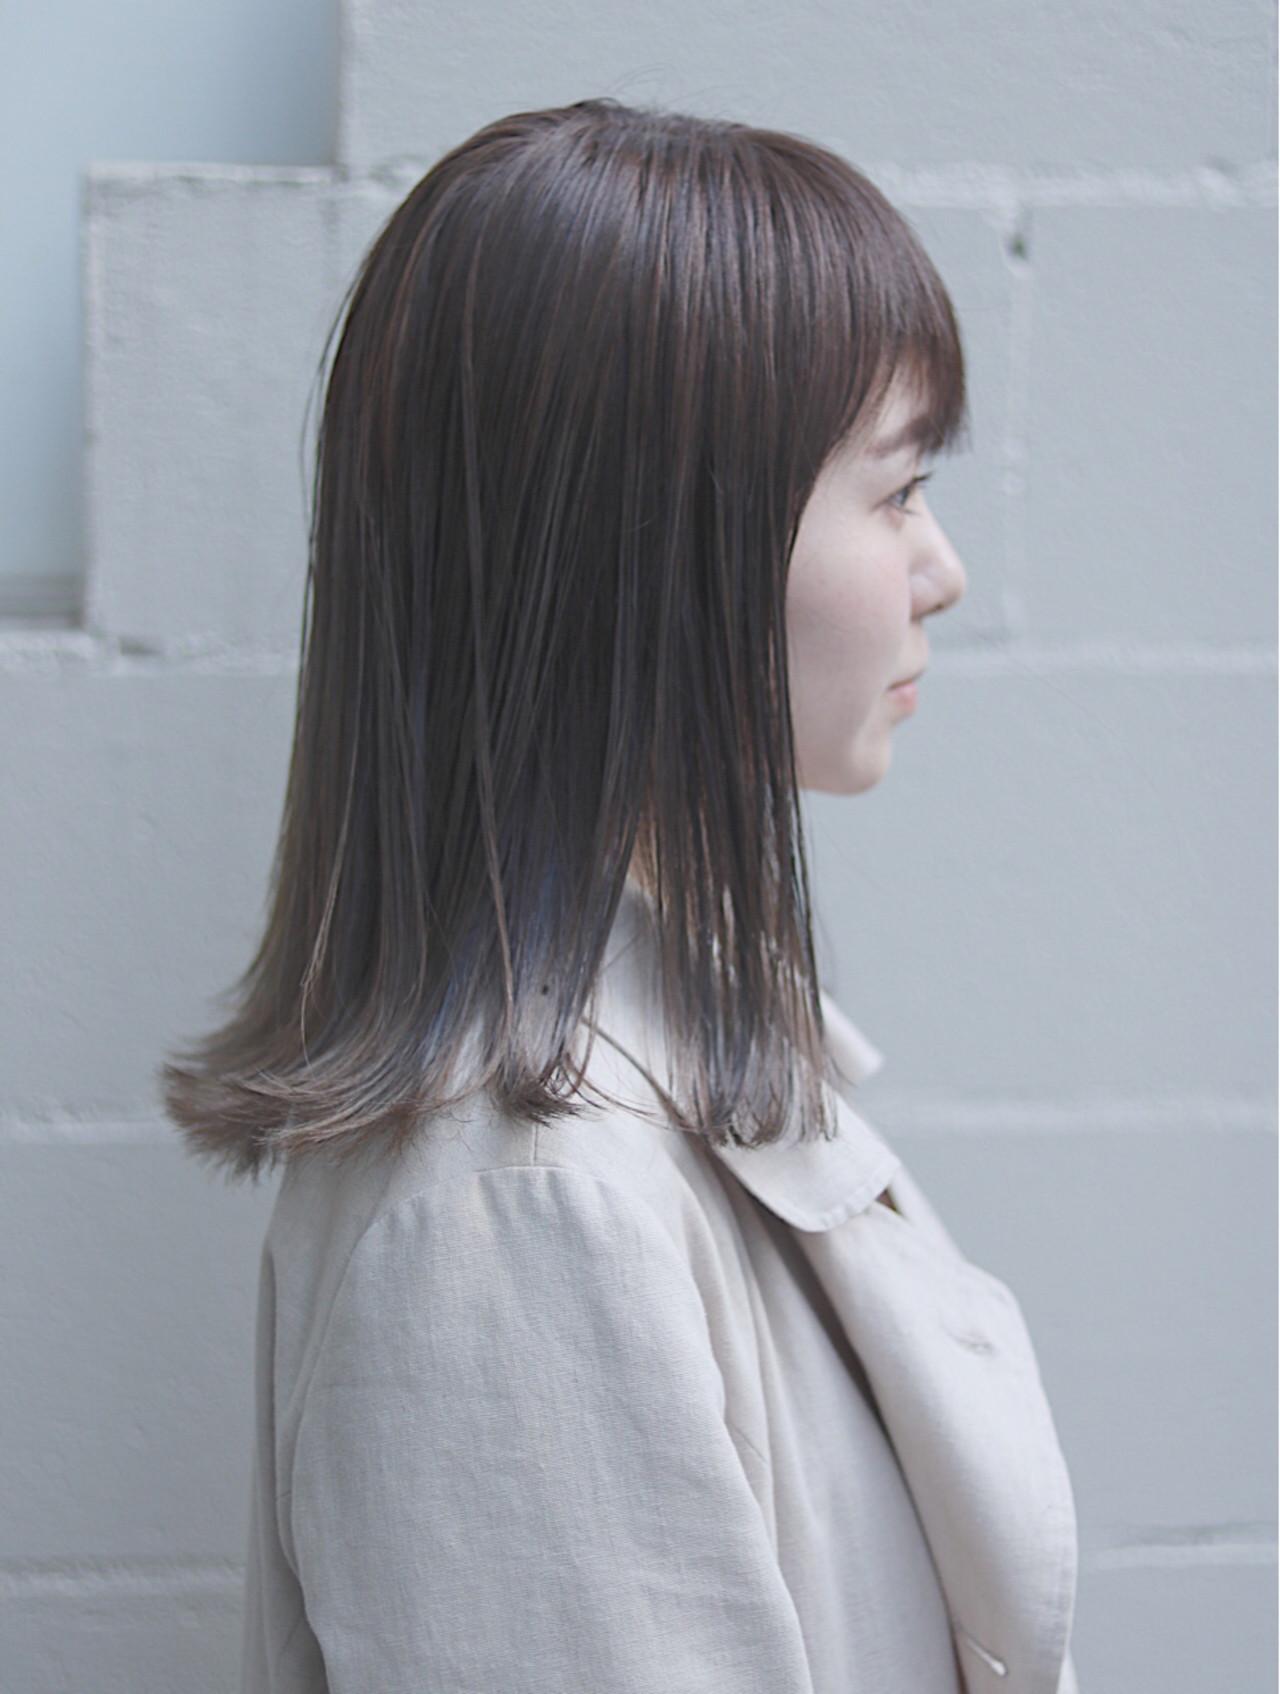 ナチュラル ミディアム デート イルミナカラー ヘアスタイルや髪型の写真・画像 | 首藤慎吾 / free-lance